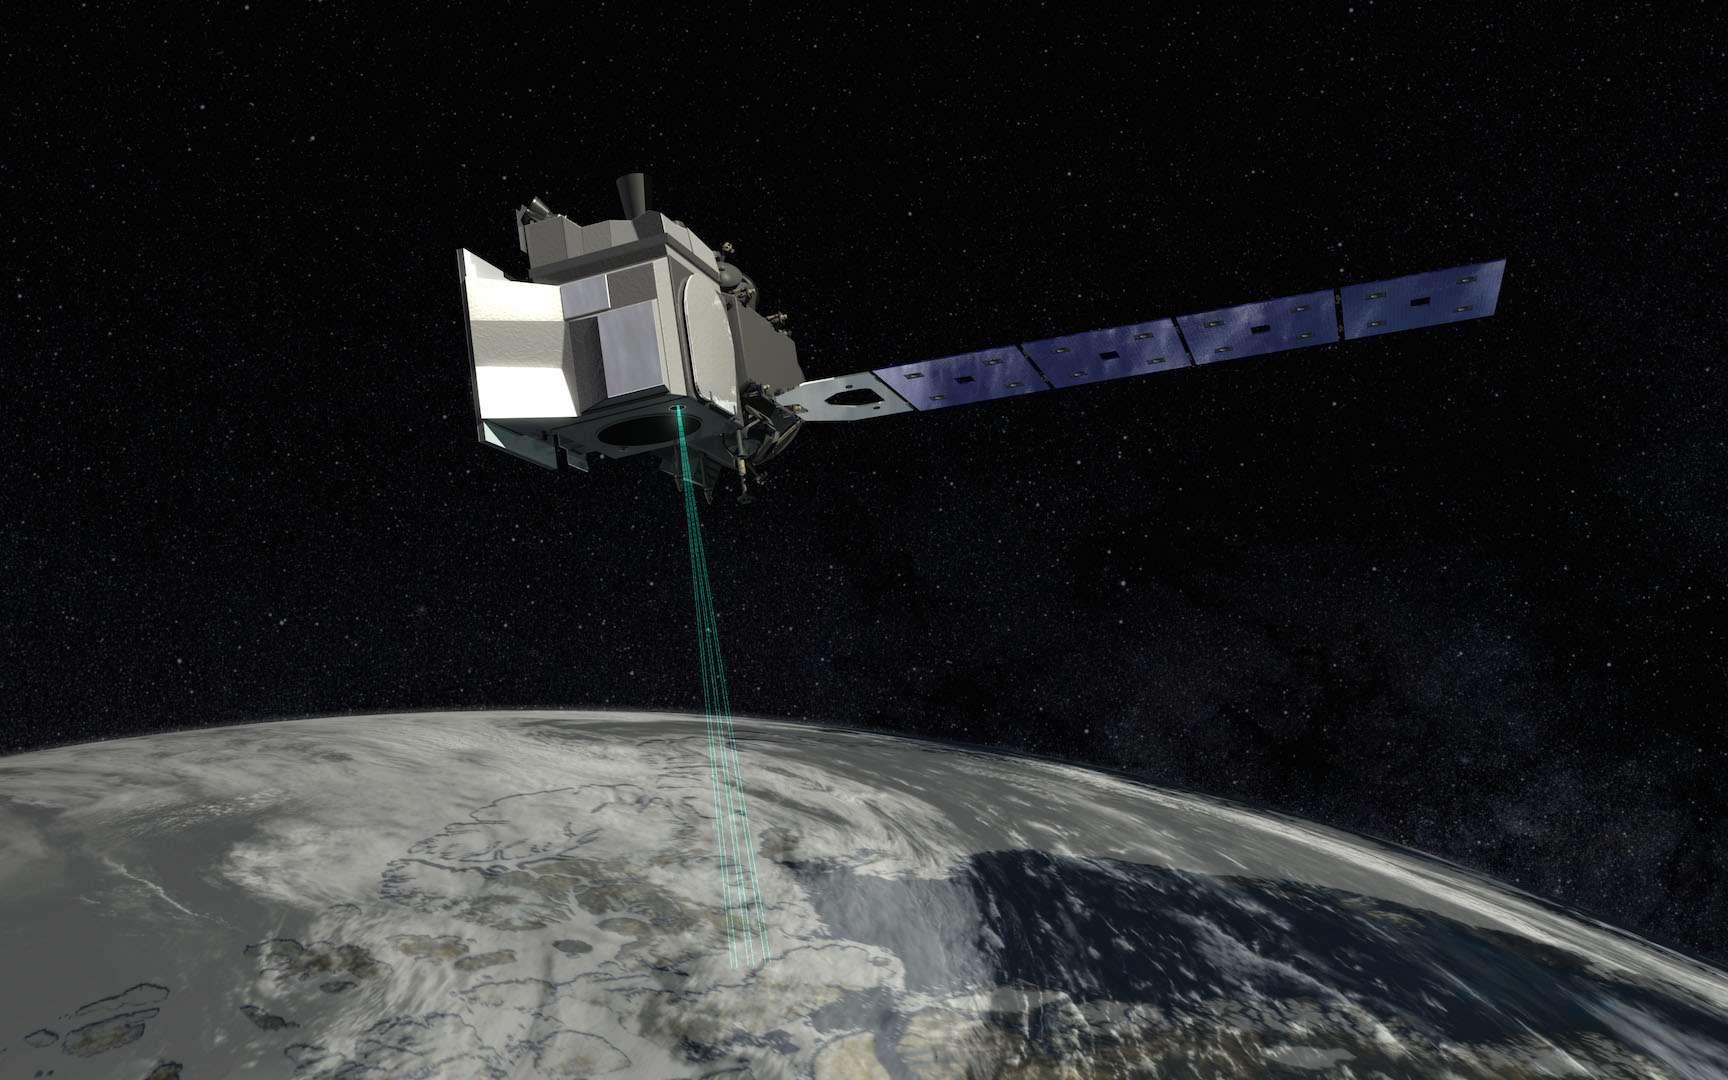 Illustration de IceSat-2, le nouveau satellite de la Nasa pour surveiller la fonte des glaces dans la cryosphère. © Nasa